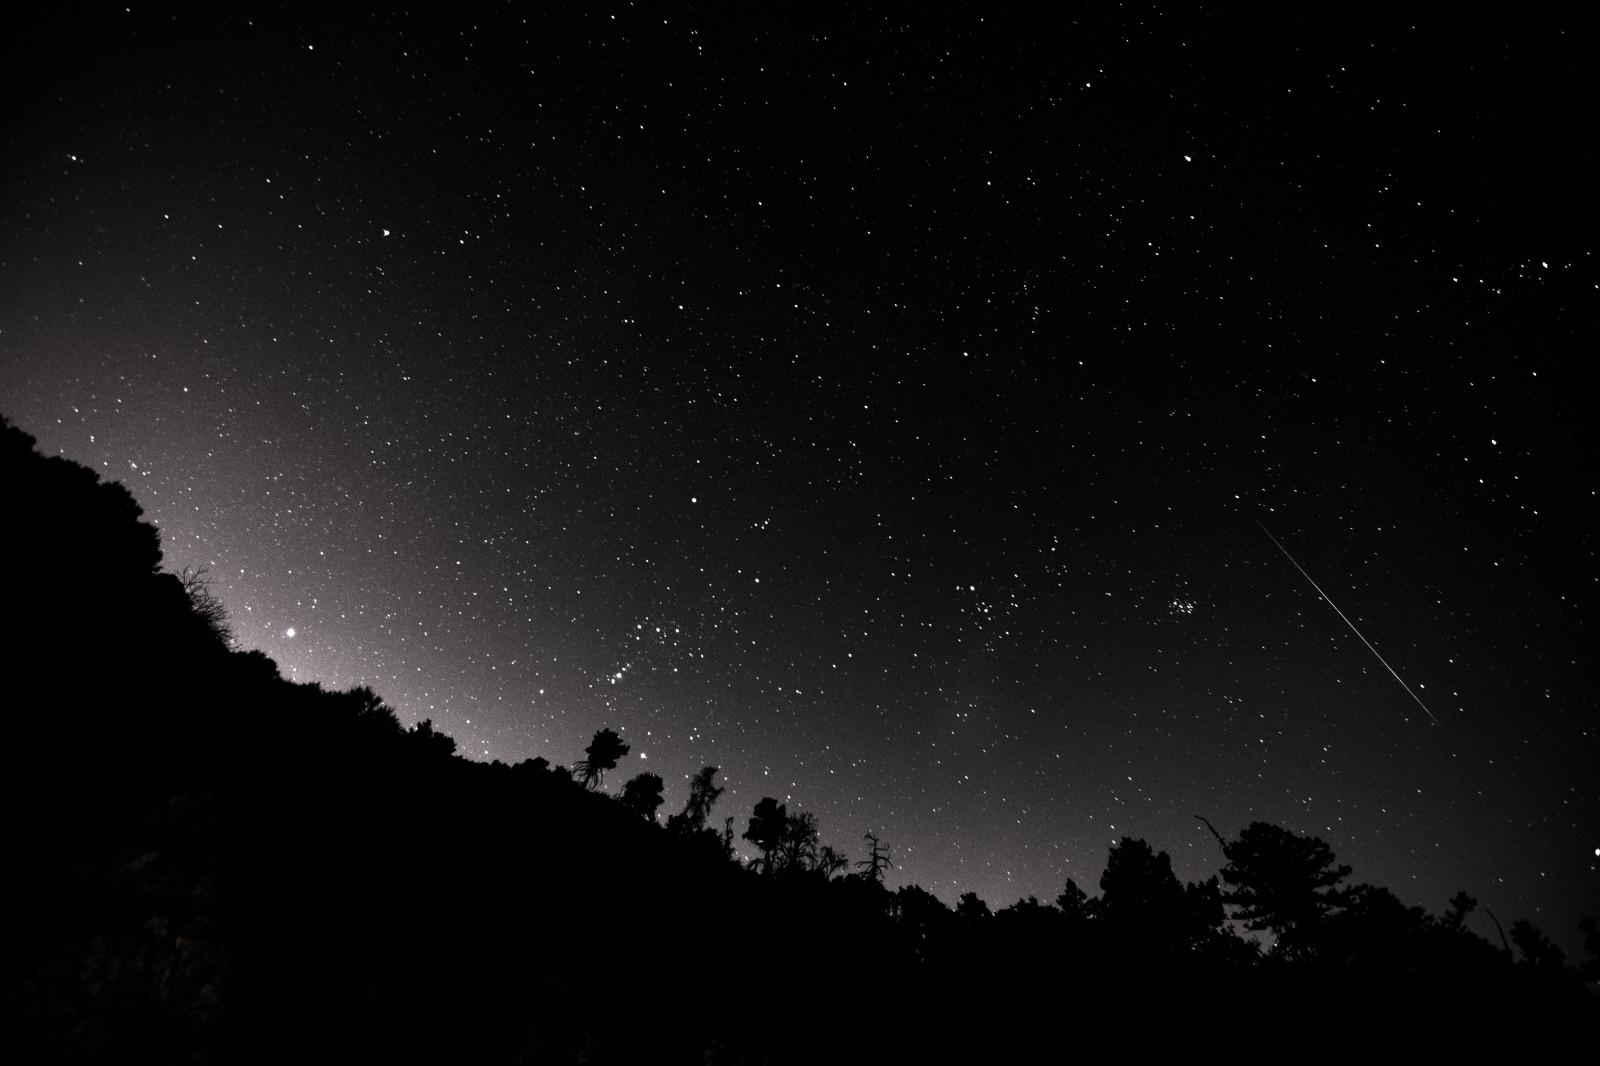 Fond d'écran : paysage, Montagnes, des arbres, nuit étoilée, étoiles 6000x4000 - Sam50 - 1222278 ...